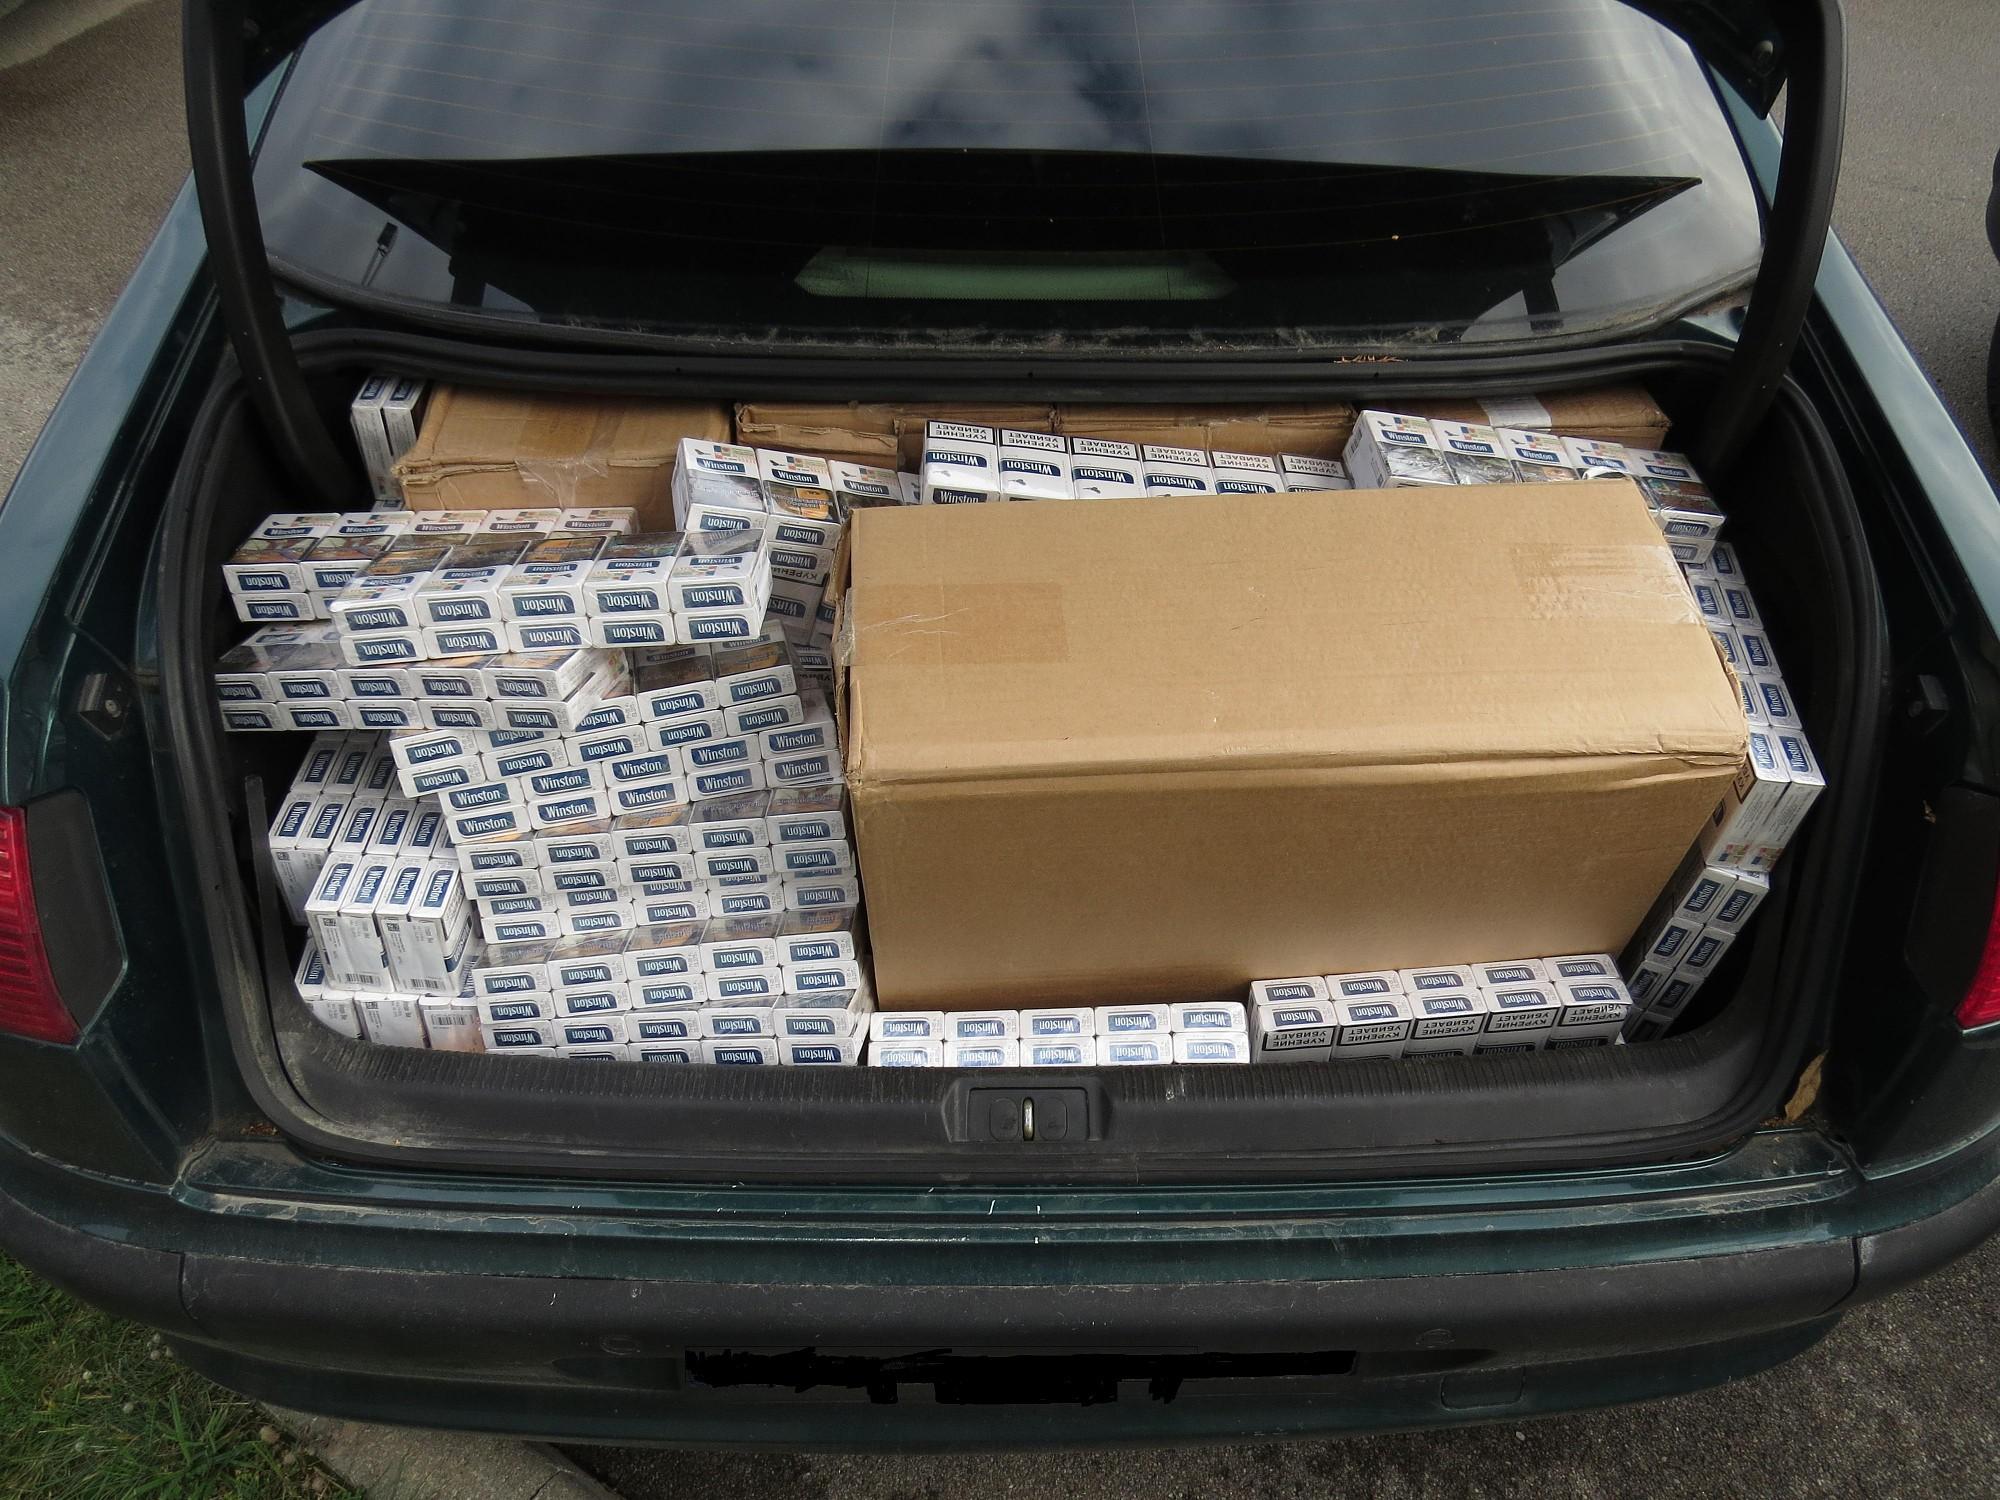 Durbes novadā automašīnā atrasts ievērojams daudzums nelegālo cigarešu